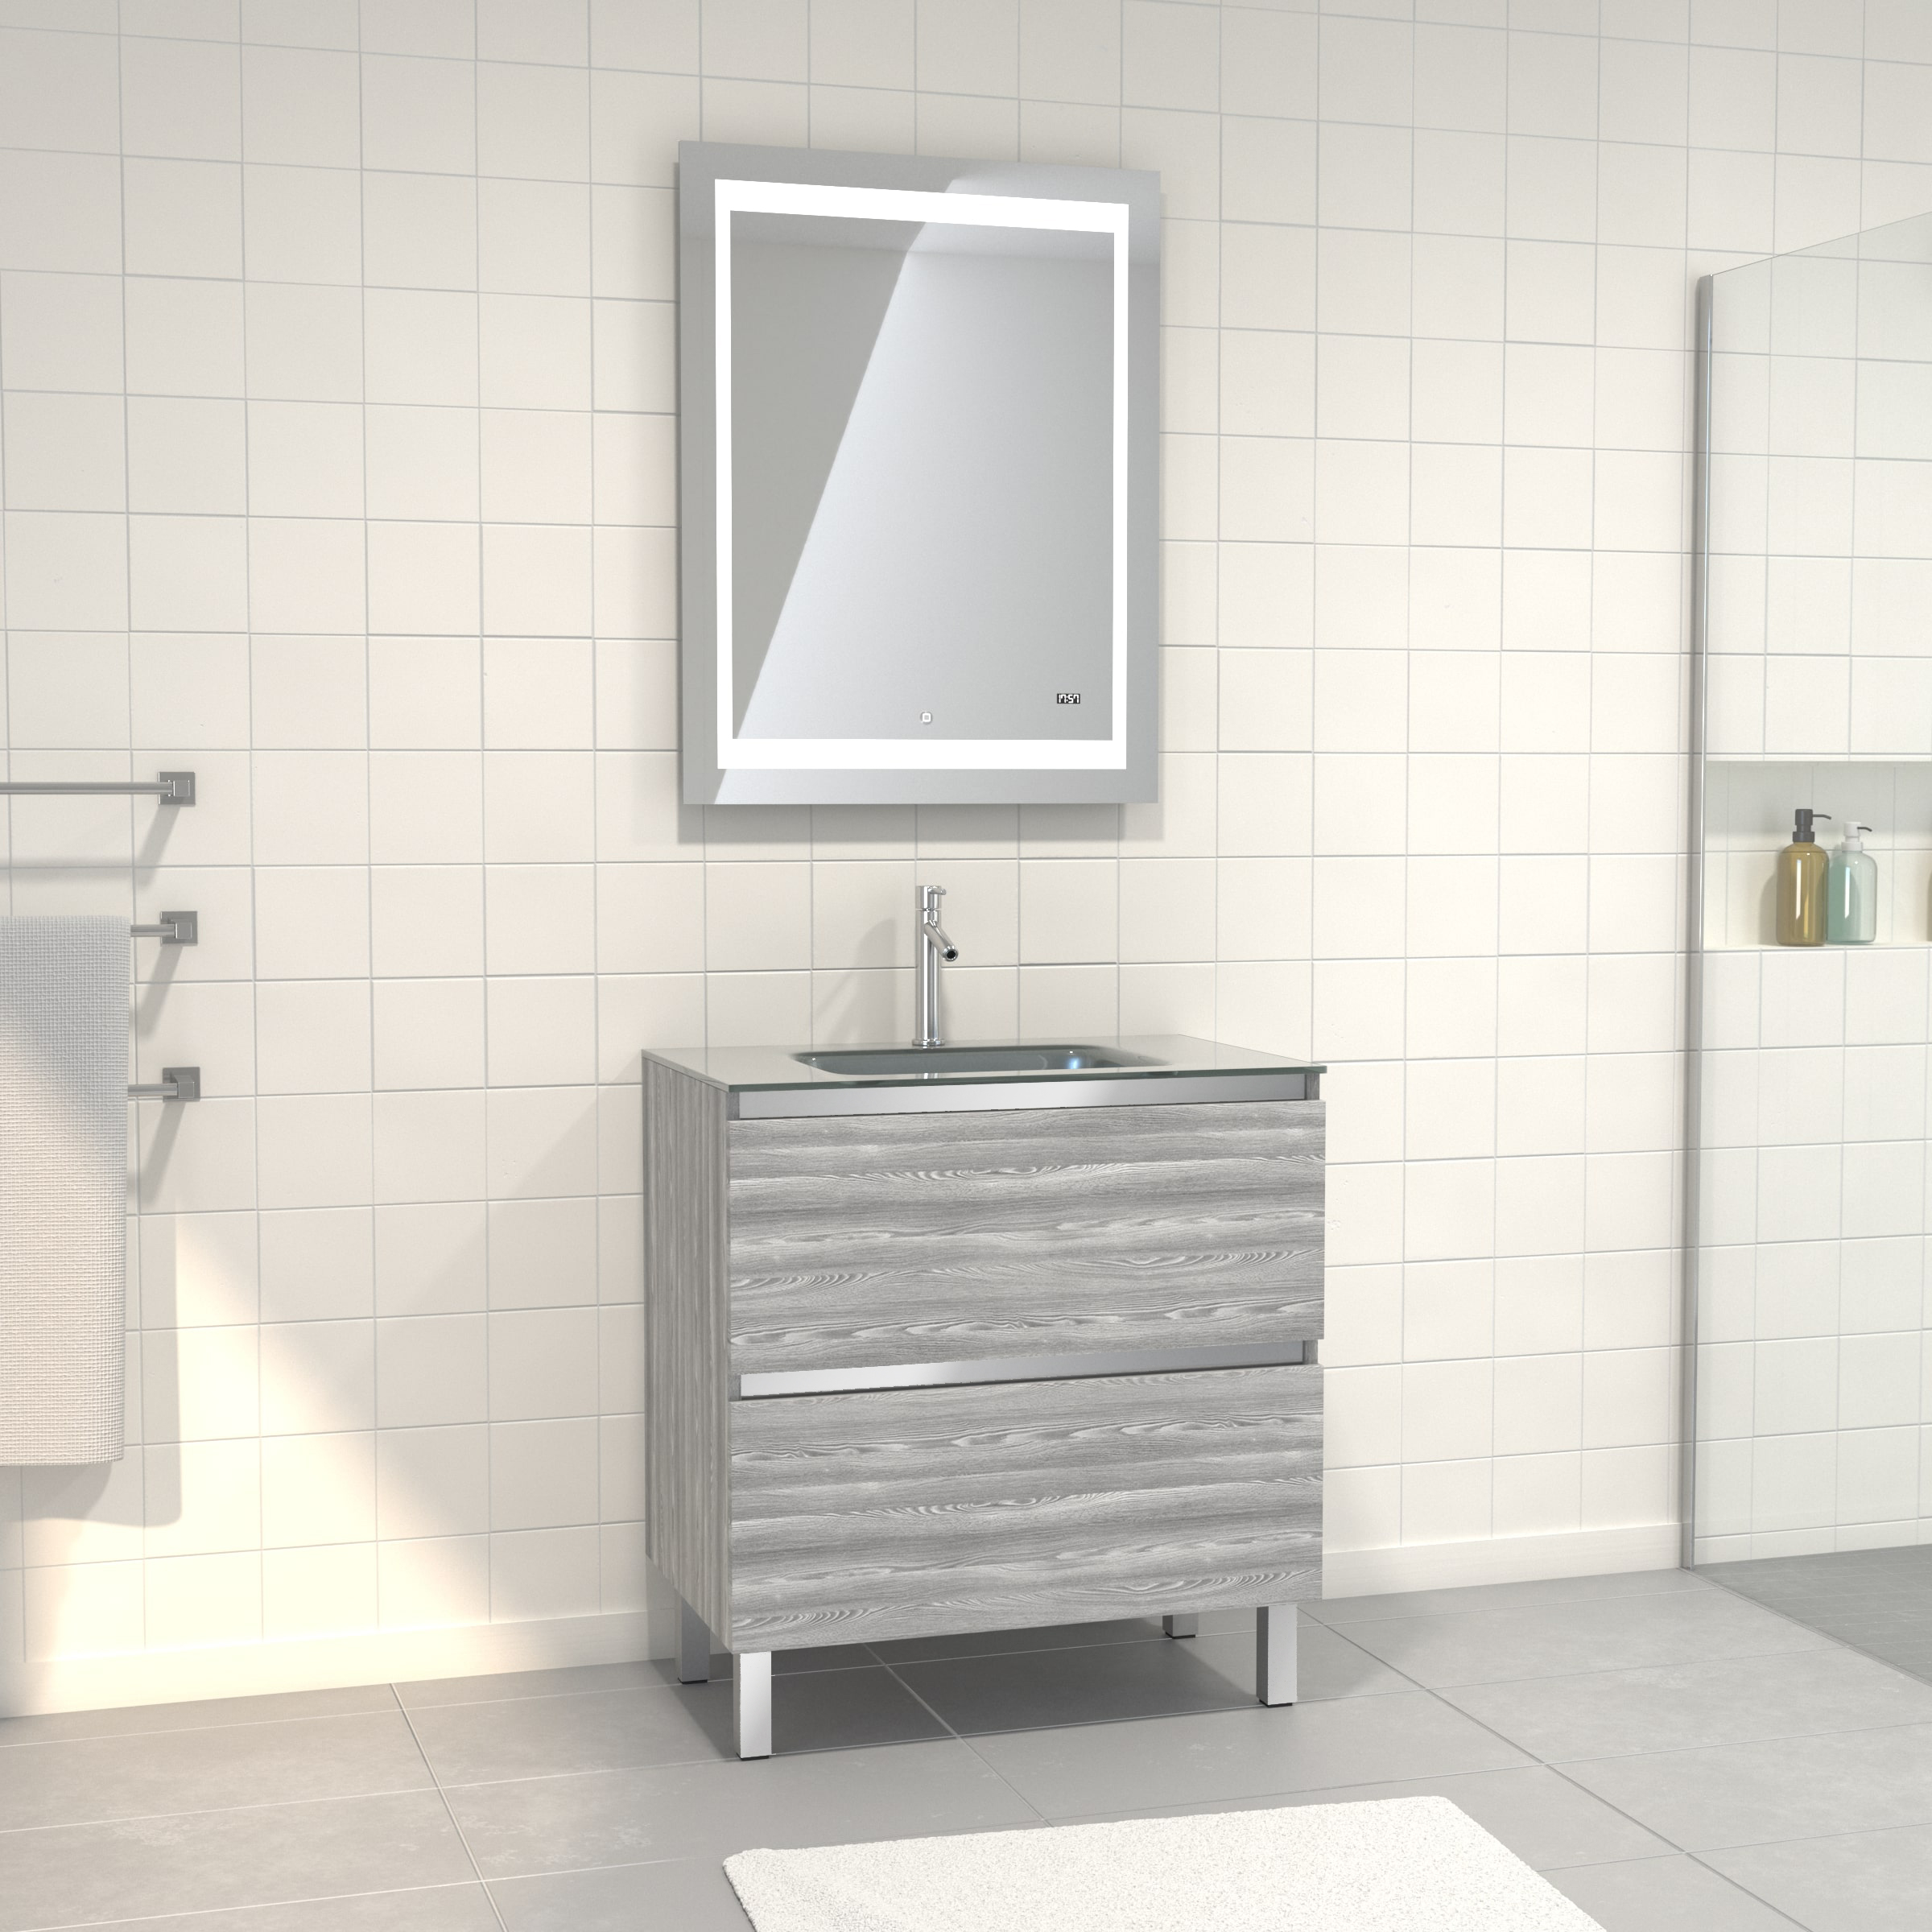 Pack Meuble de salle de bain 80x50 cm Chêne gris-blanc + vasque Argent + miroir LED 70x90